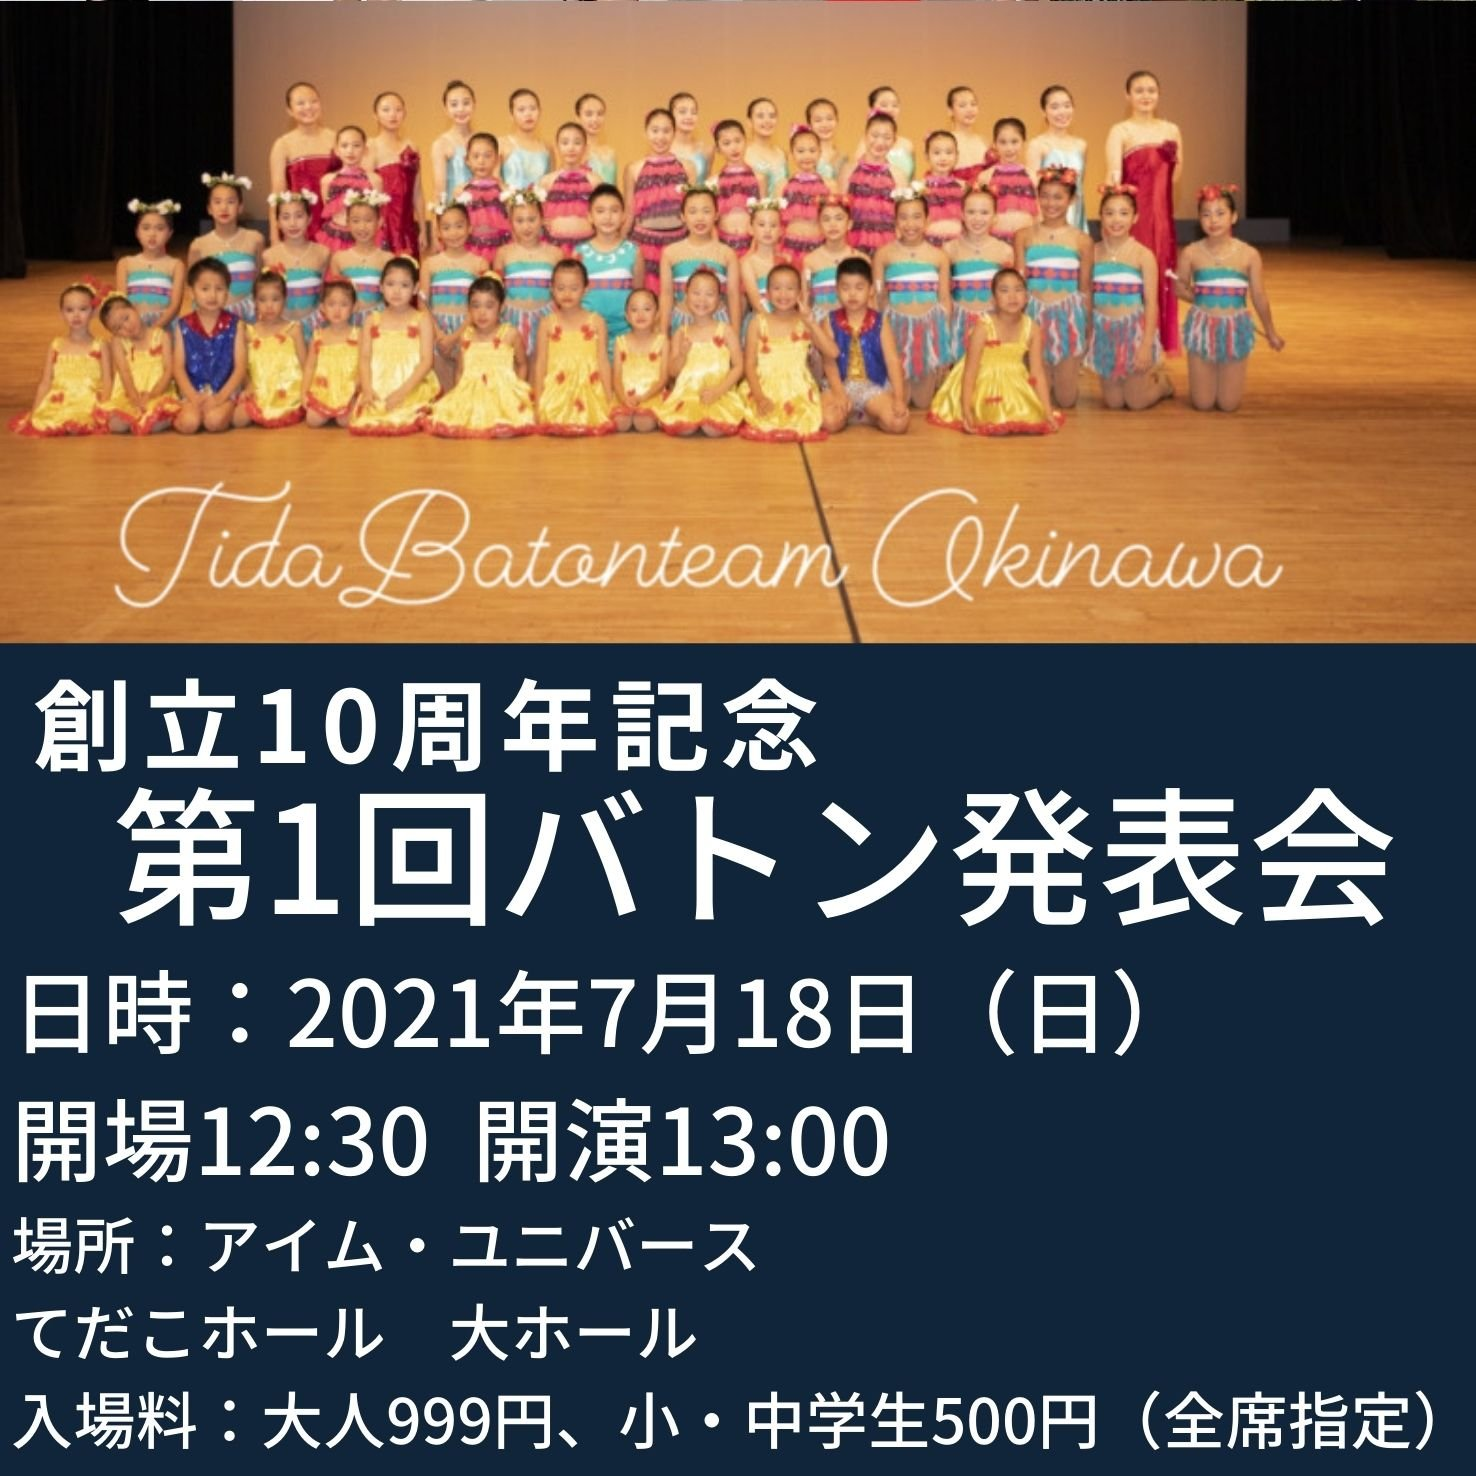 創立10周年記念 第1回 TidaBatonteam Okinawa バトン発表会の大人用チケット (高校生以上)のイメージその1